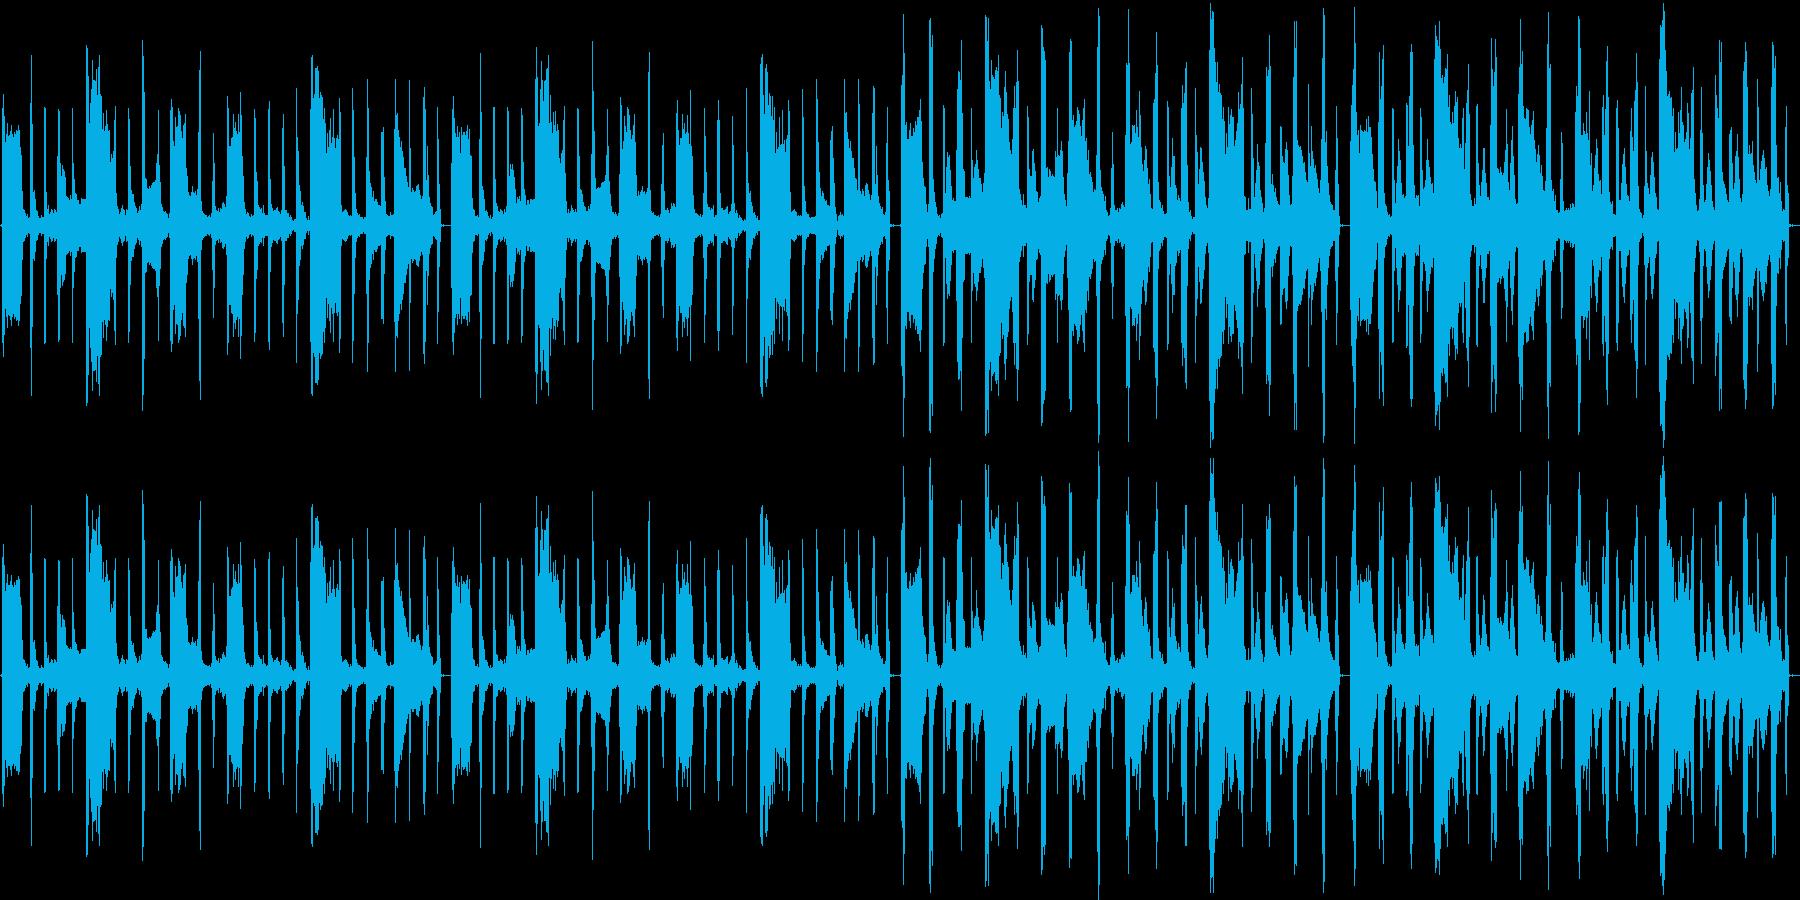 【のんびり/ギター/ワウカッティング】の再生済みの波形